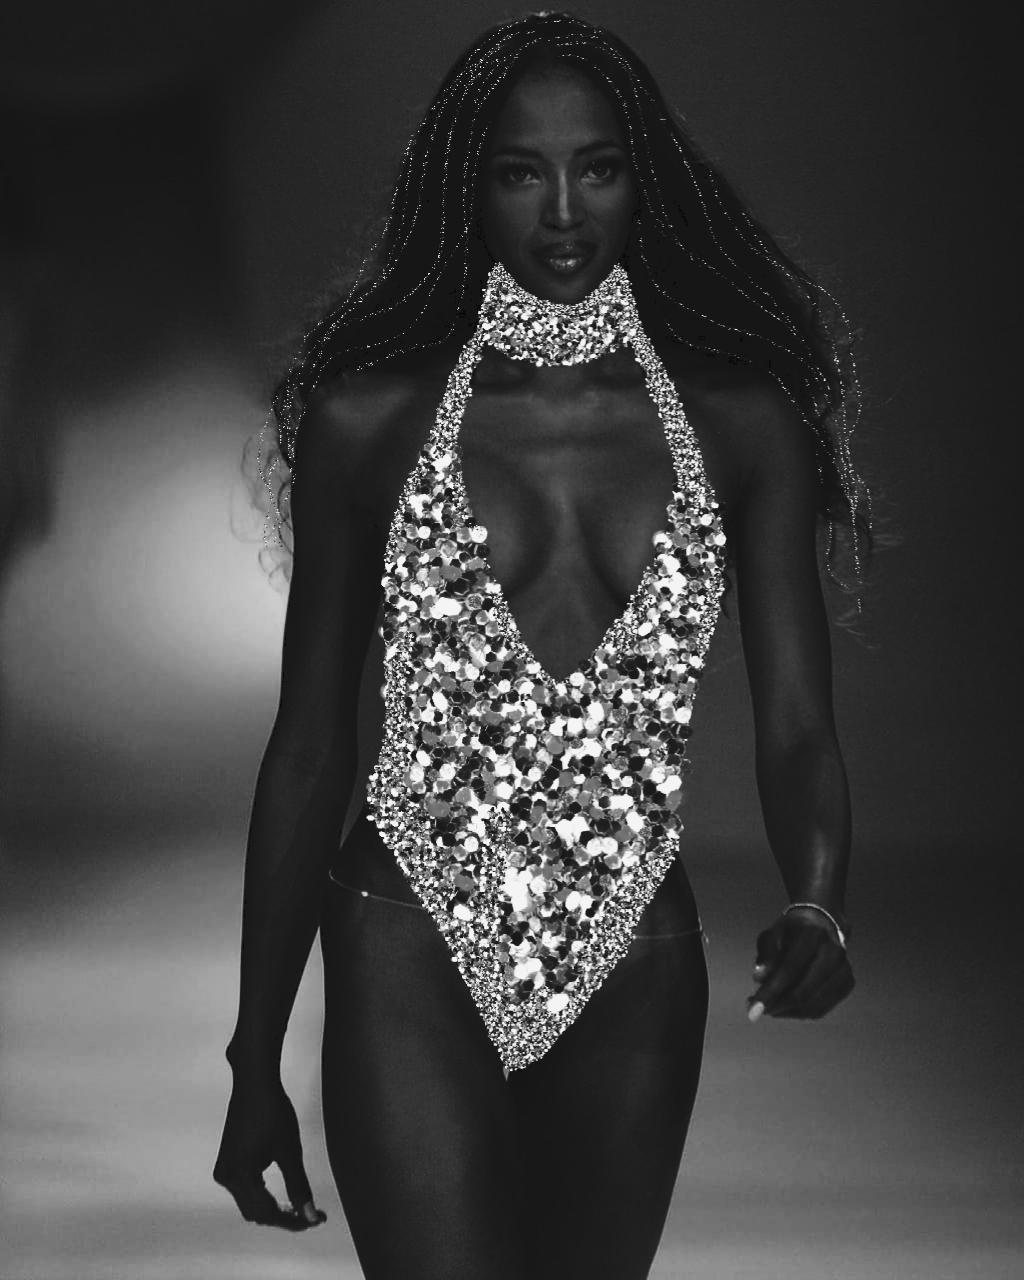 #freetoedit #naomicampbell #supermodel #silverglitterbrush  #blackandwhitephotography #blackandwhite